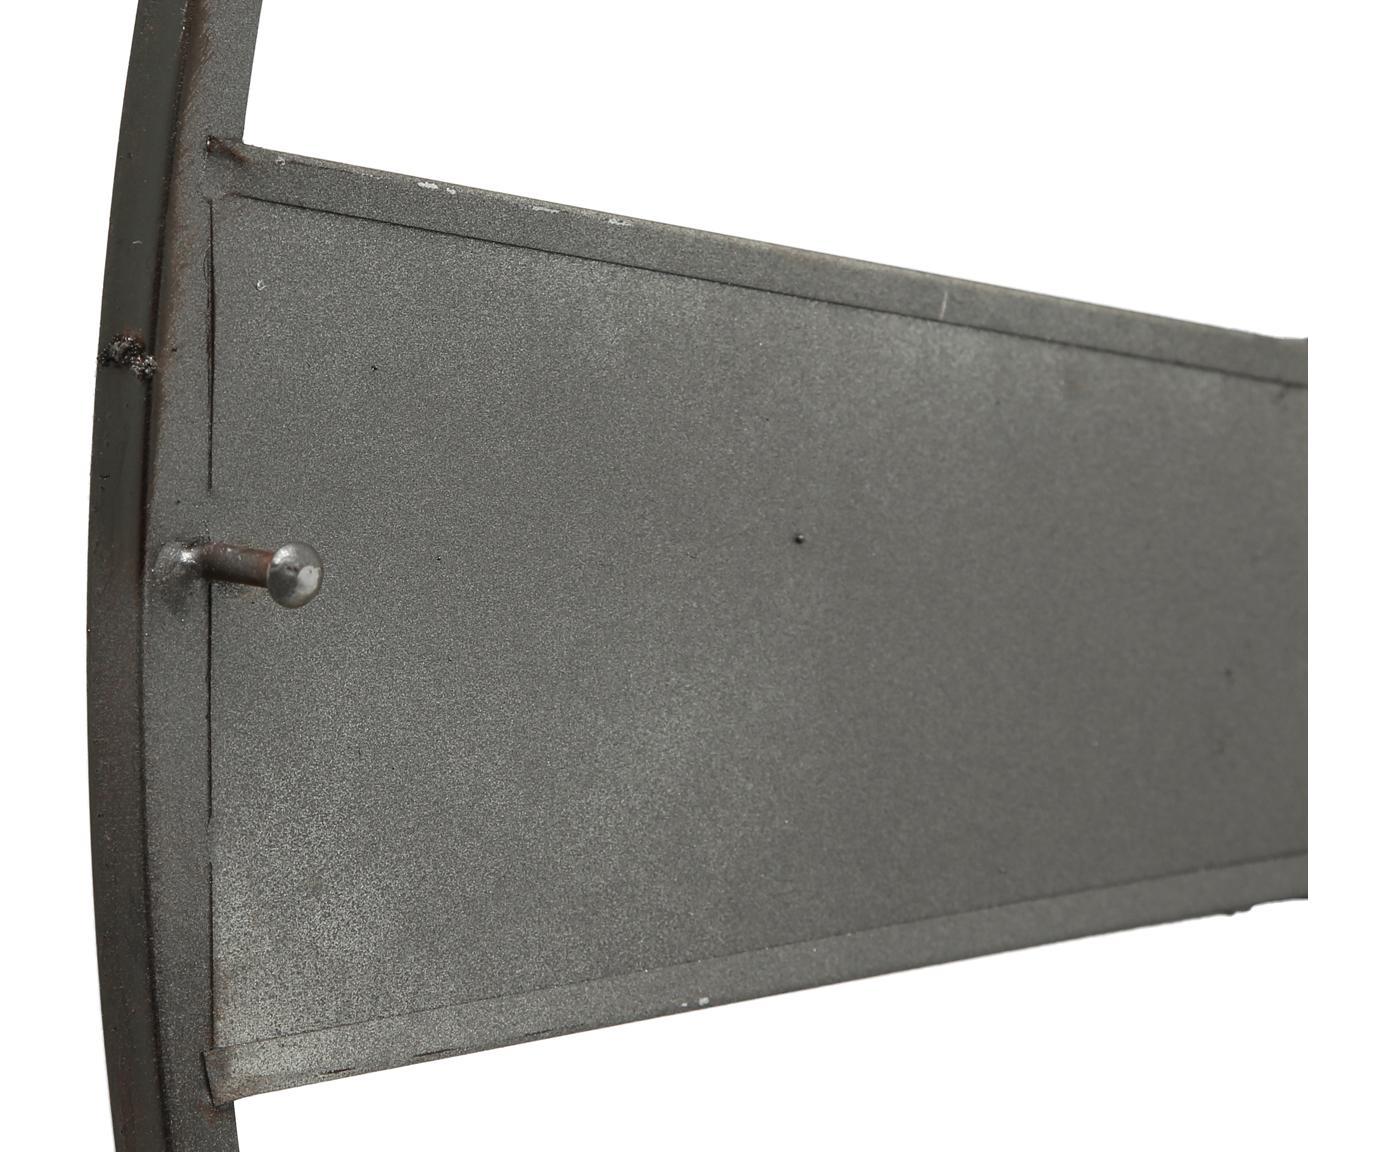 Orologio da parete Anatol, Metallo zincato, Zinco, nero, marrone, Ø 73 cm